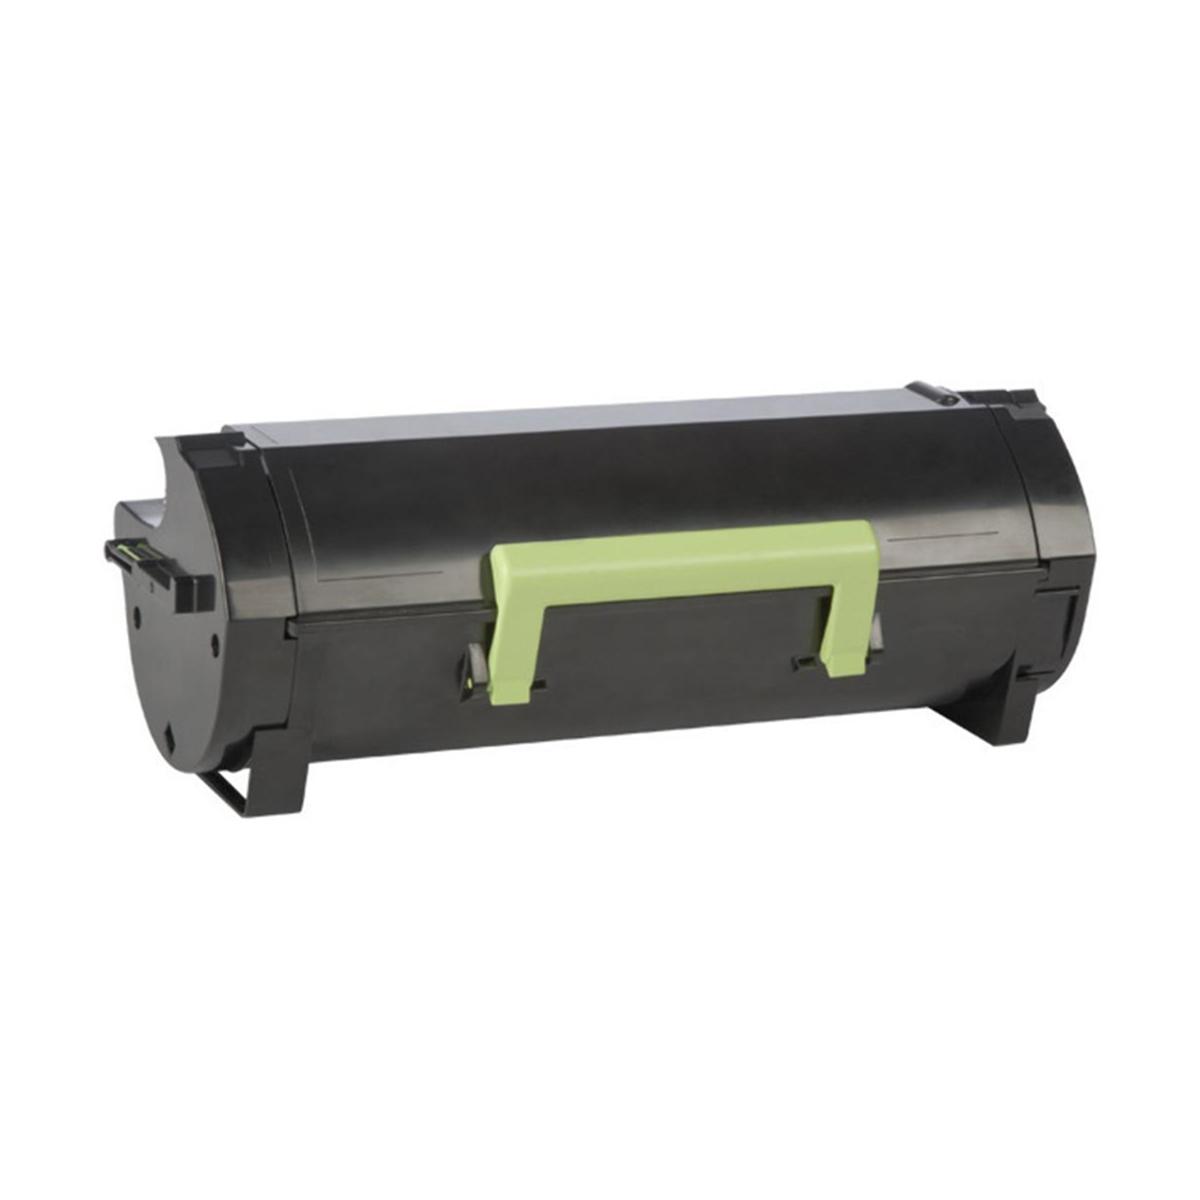 Toner Lexmark 604H 60FBH00 | MX511 MX410 MX310 MX611 | Compatível Importado 10k